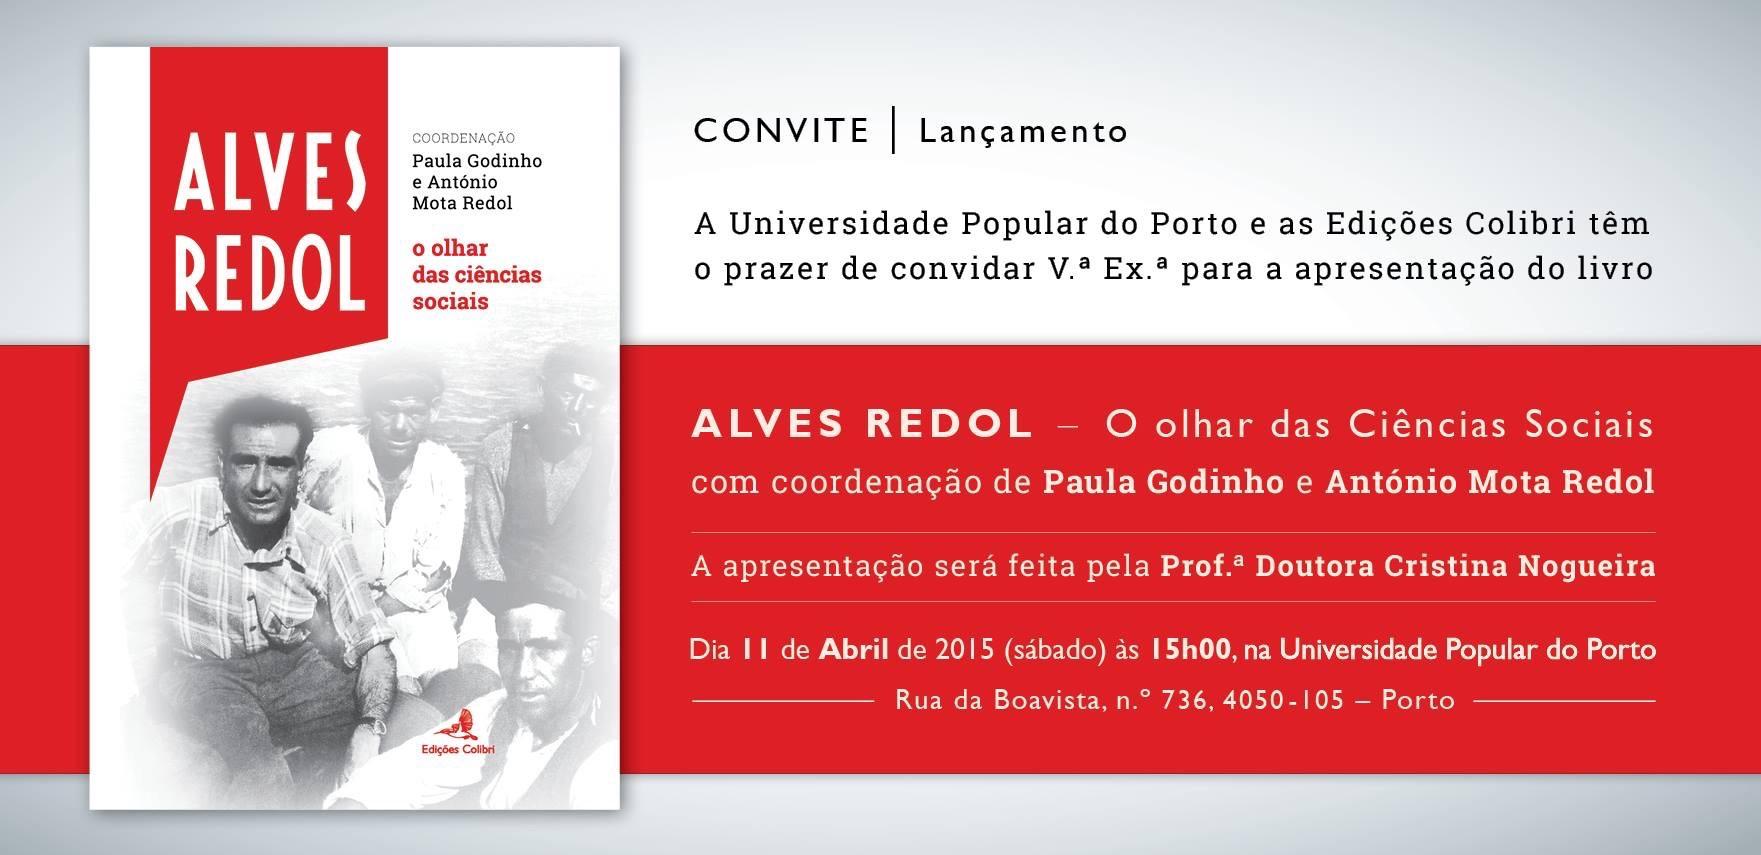 UPP Alves Redol